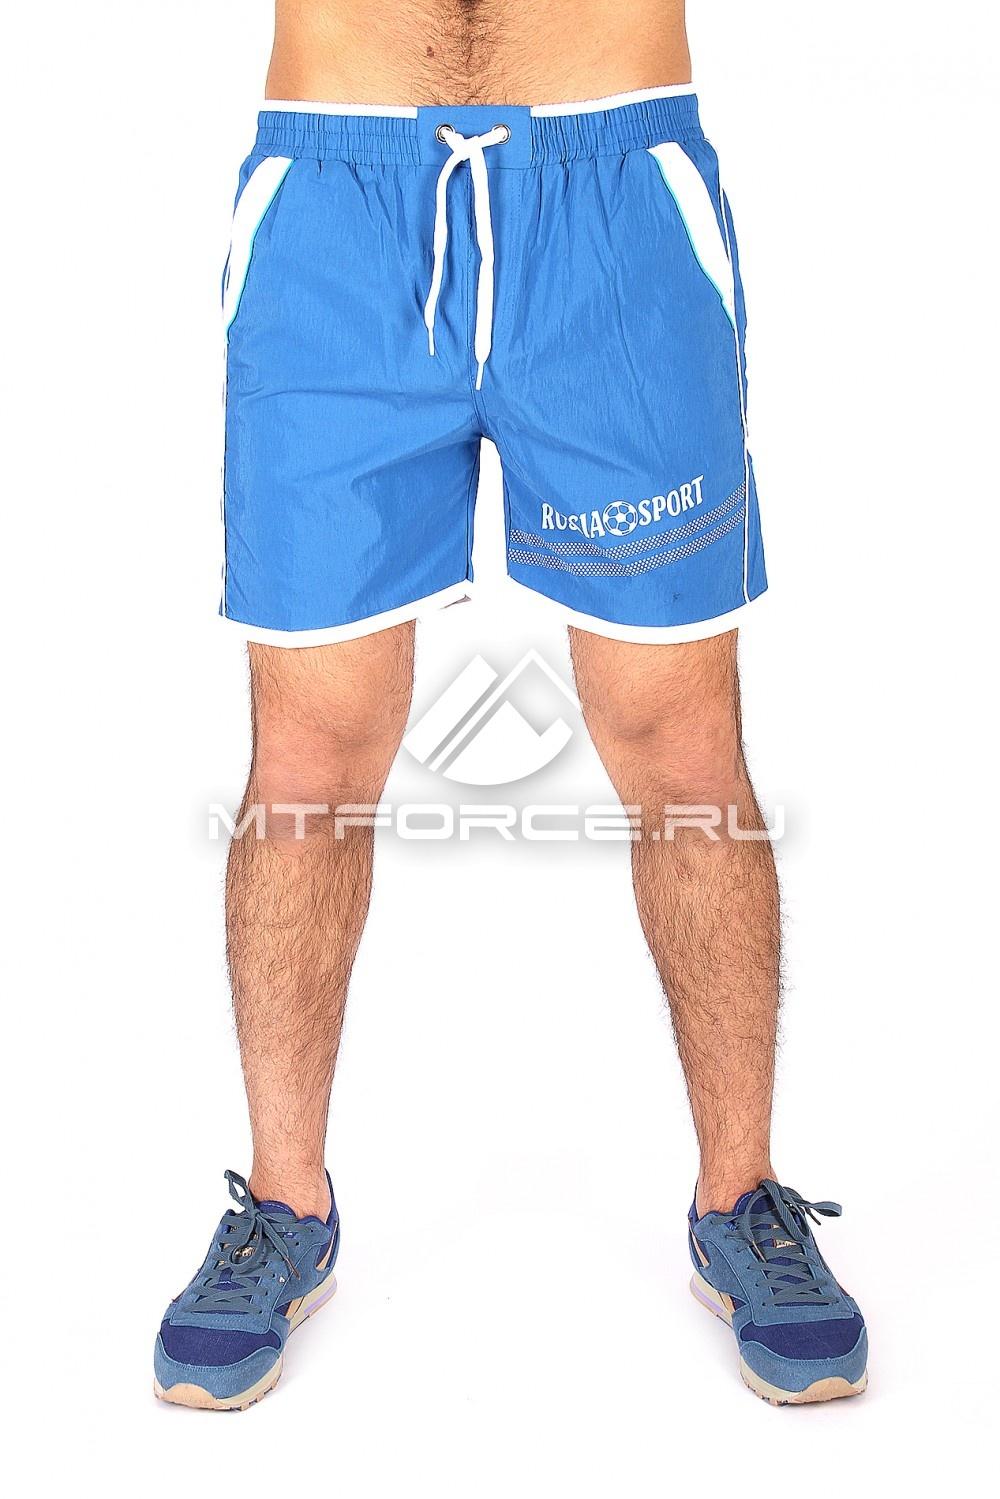 Купить                                  оптом Спортивные шорты синего цвета 503S в Новосибирске